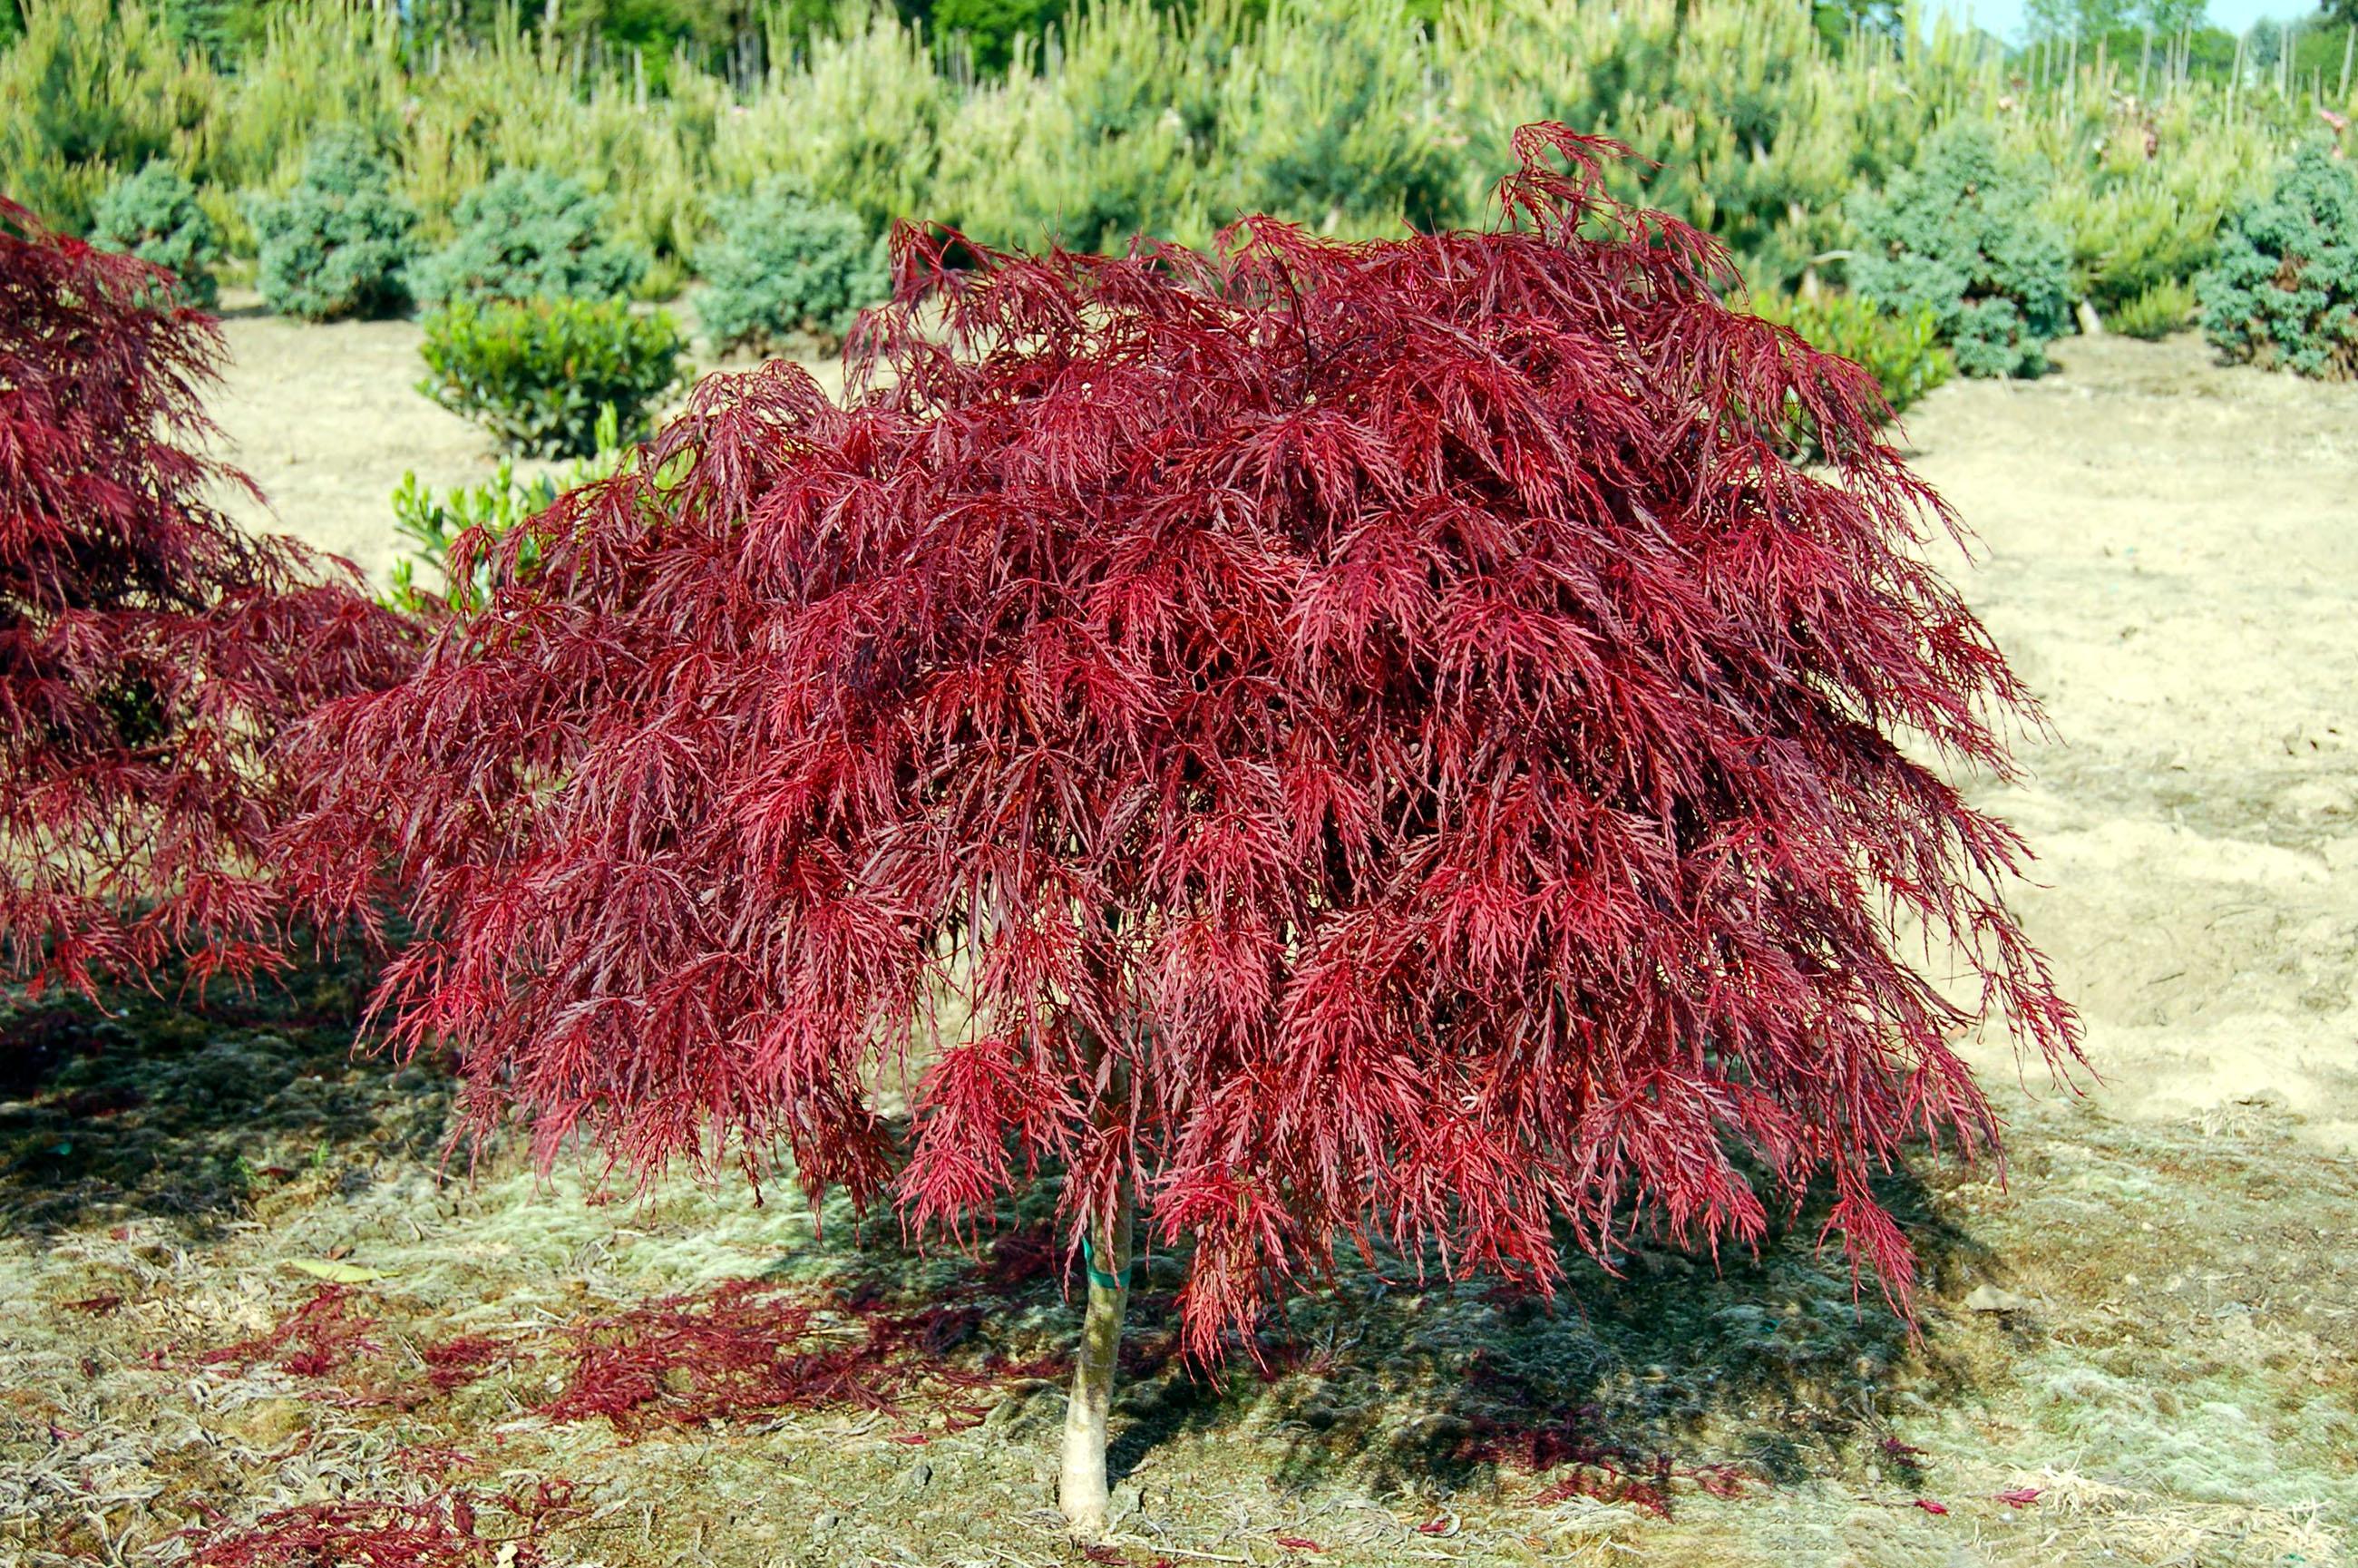 Plaštakinis klevas (acer palmatum)